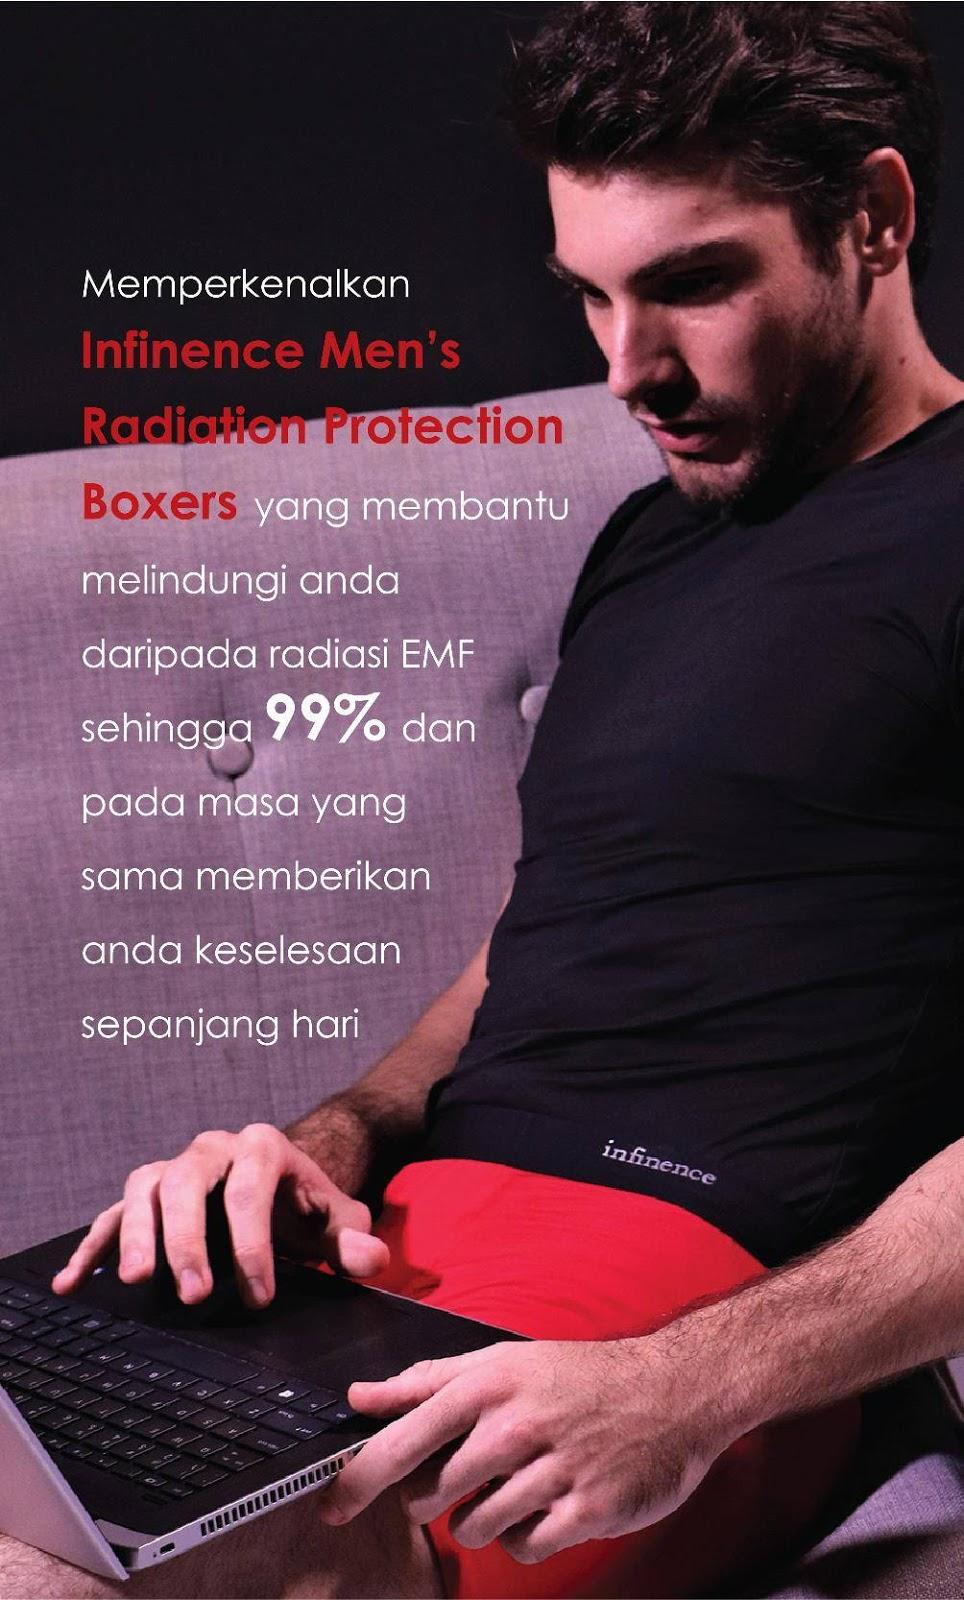 Boxer halang radiasi